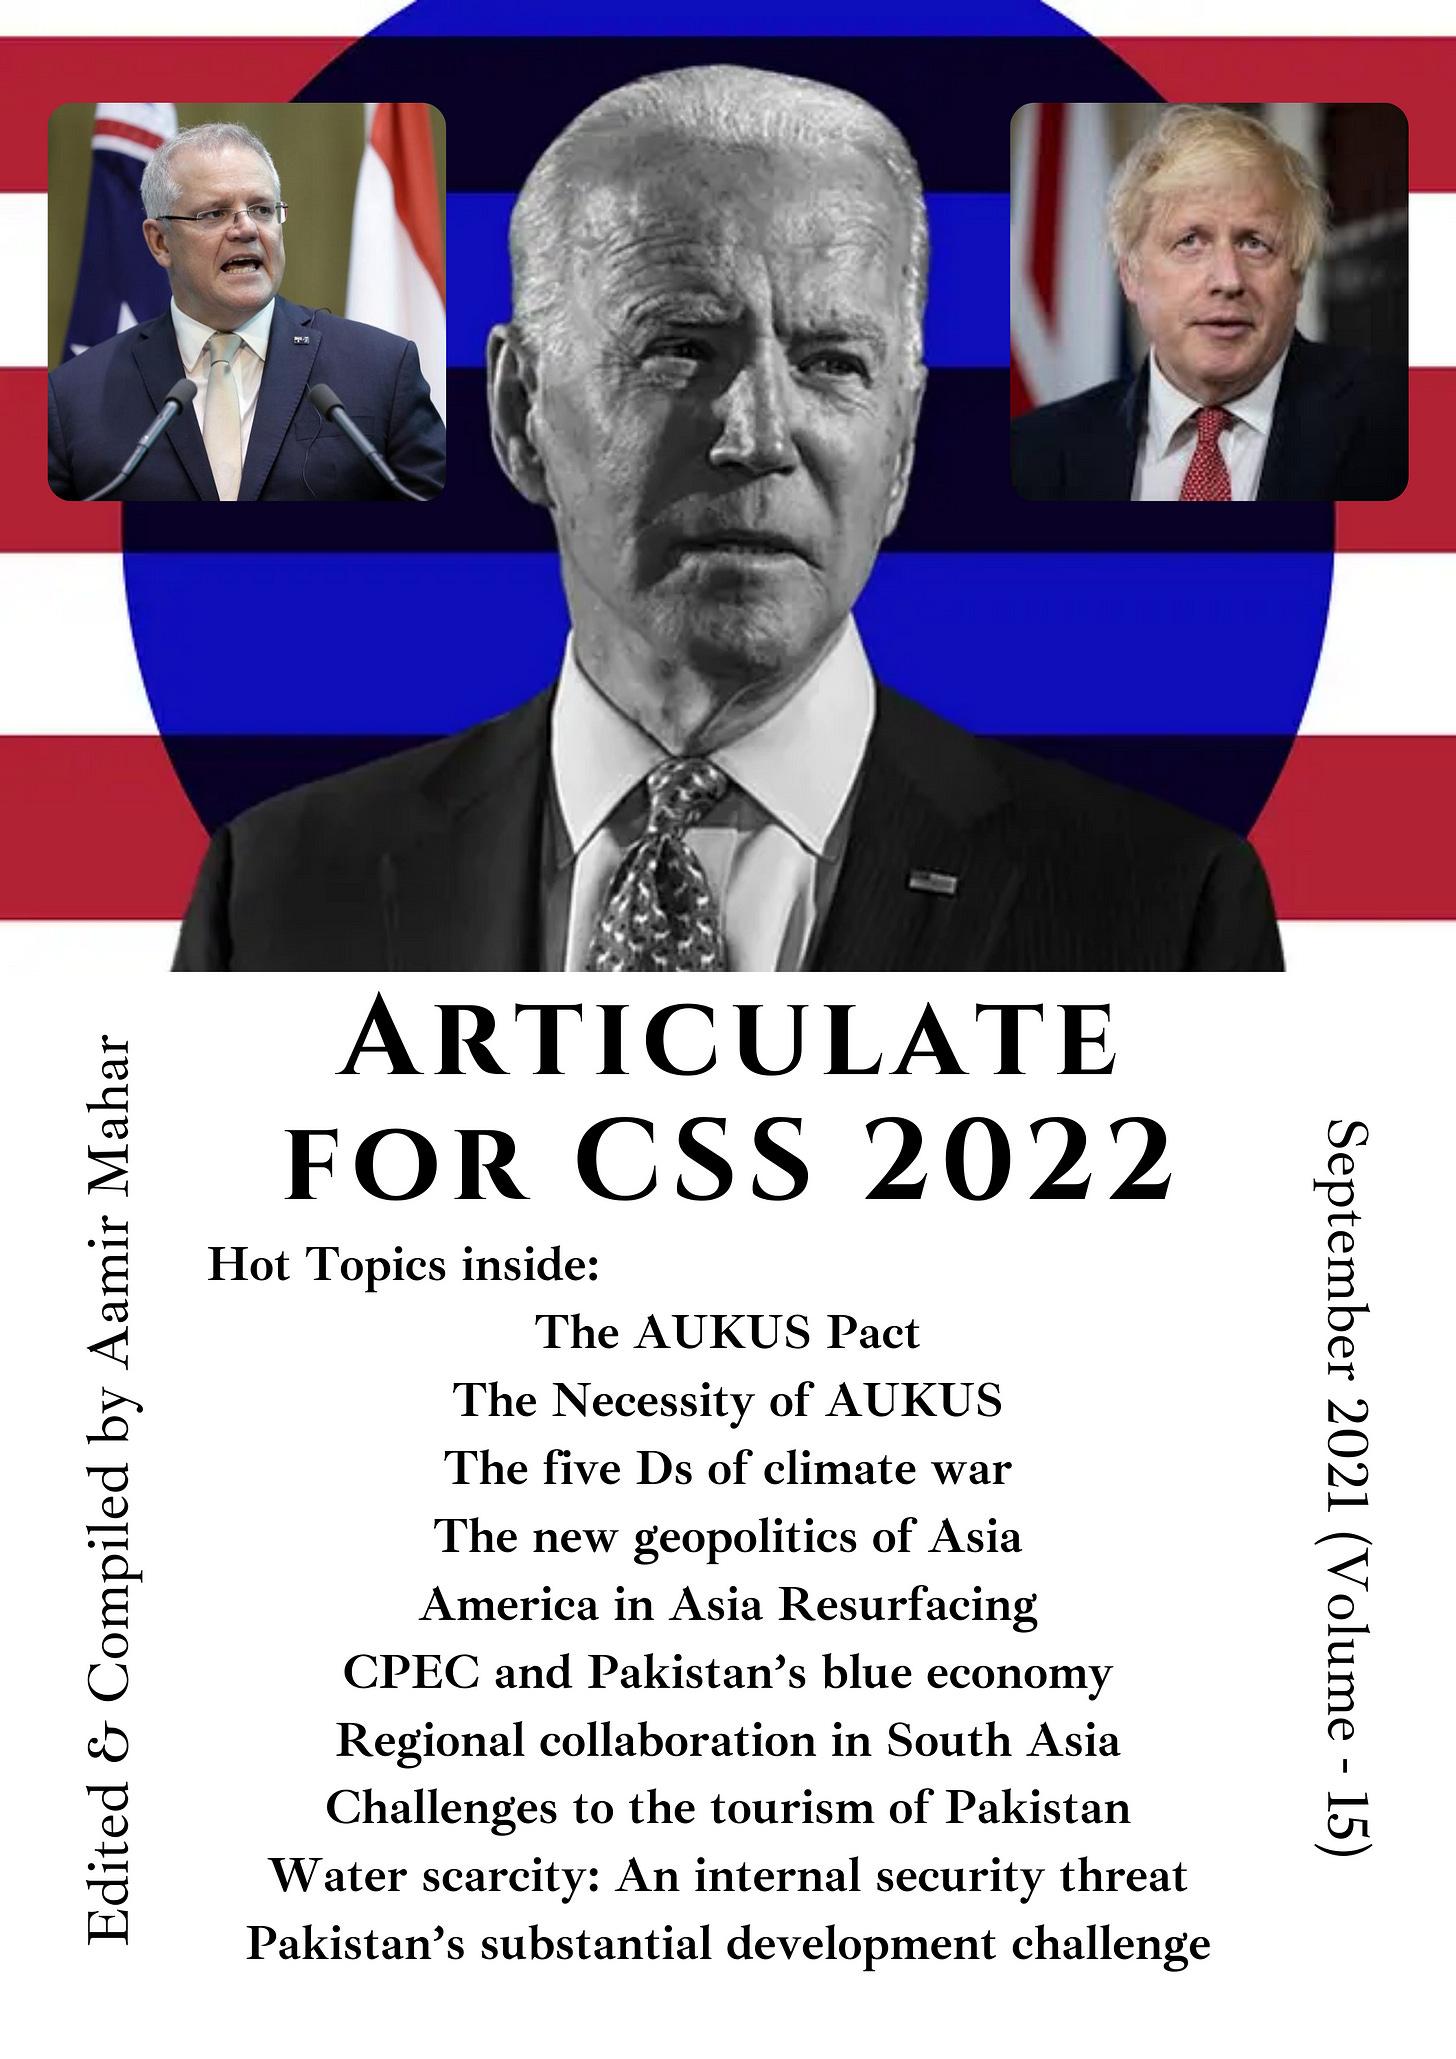 CSS 2022 Articulate – 15